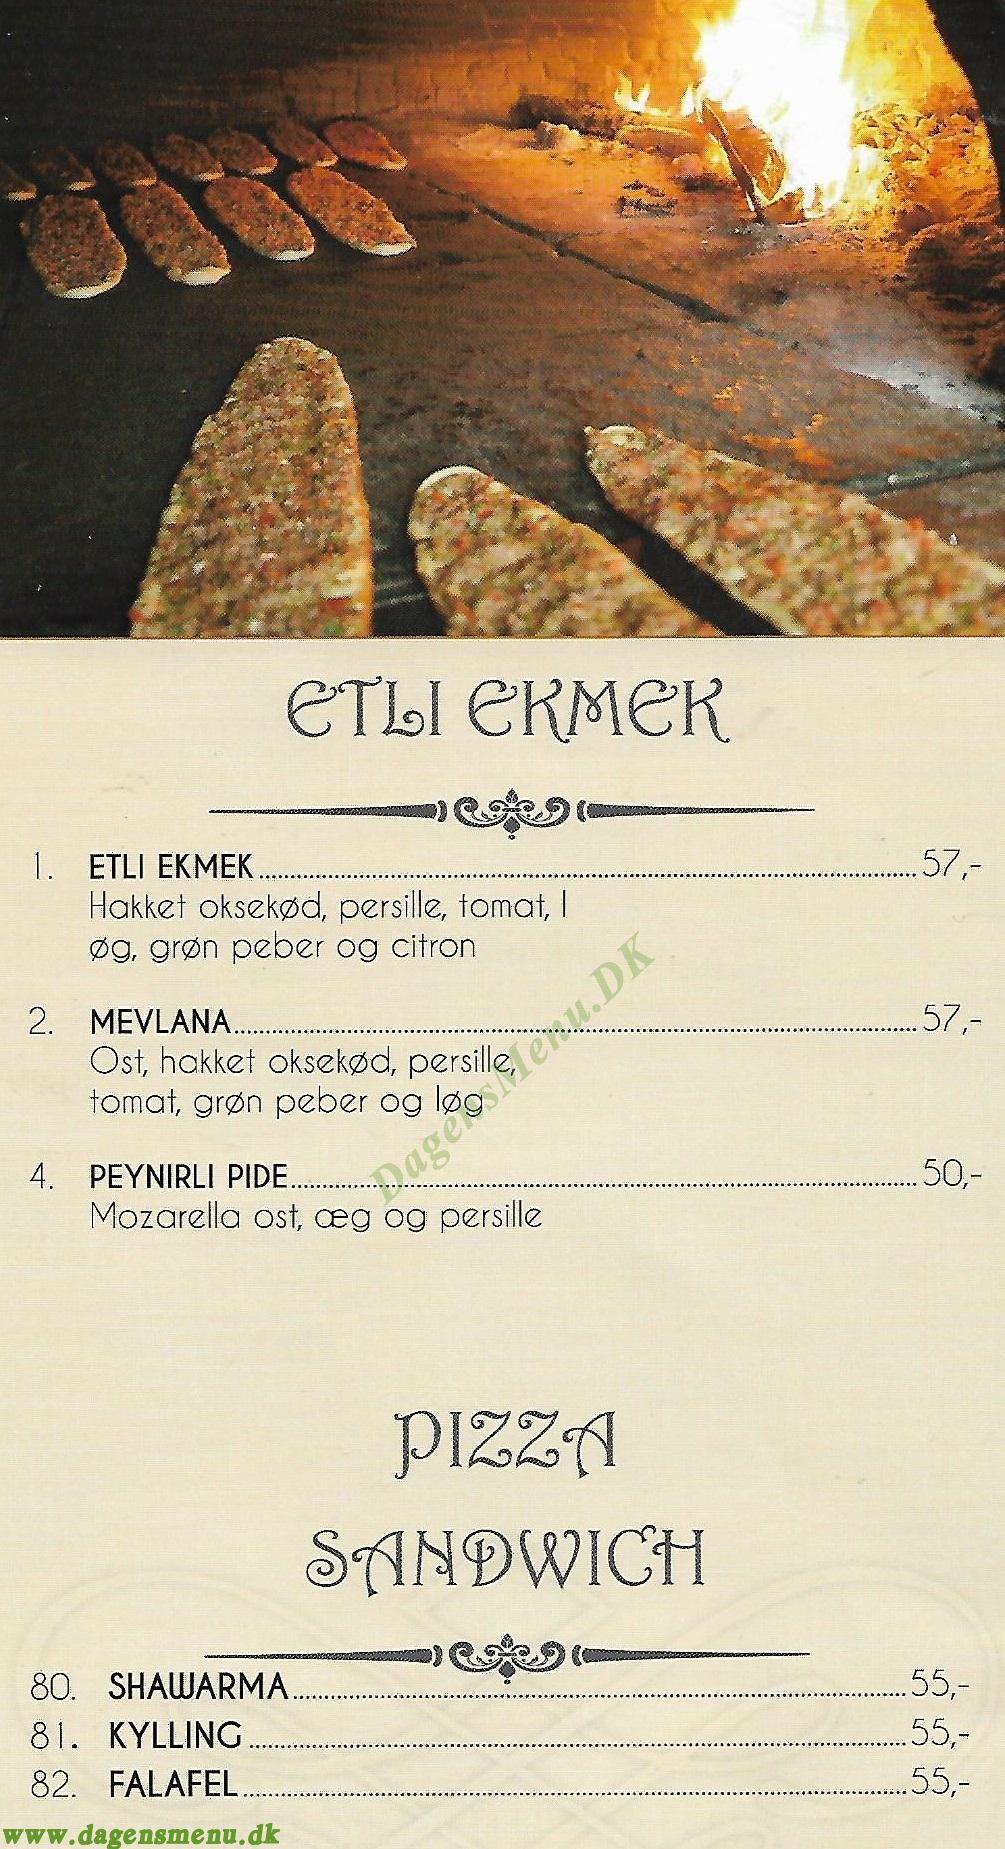 Görkem Grill - Menukort